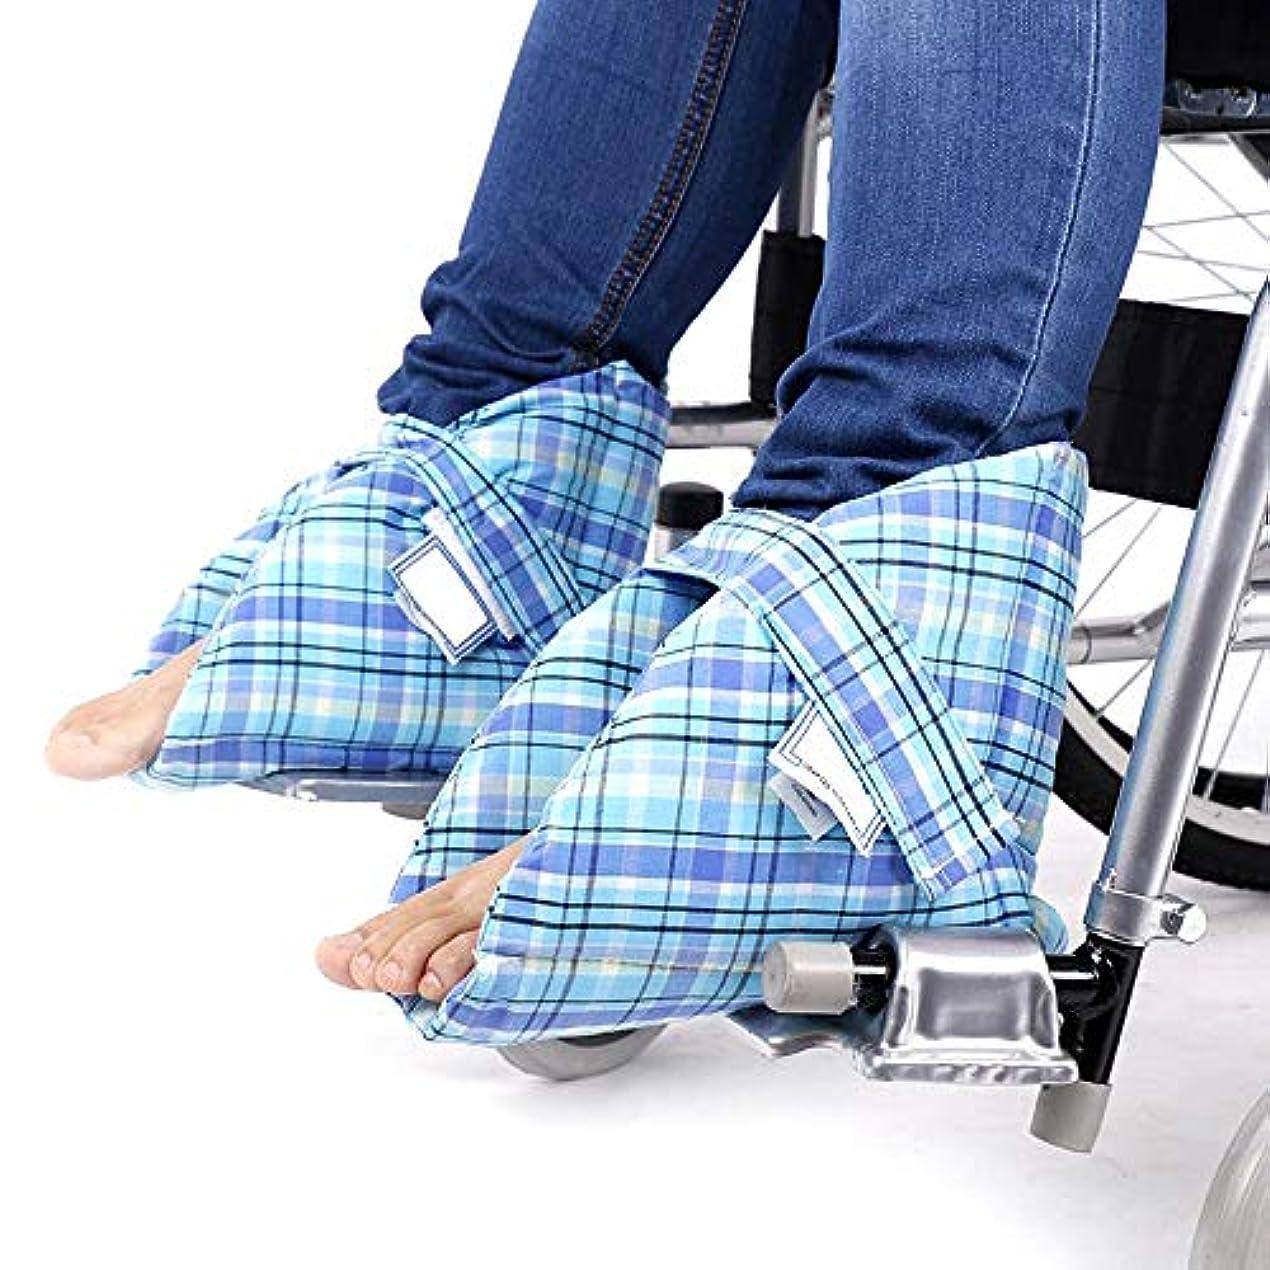 仲間、同僚年制限する褥瘡および腱の残りのための医療用ヒールクッションプロテクター - 車椅子高齢者足首保護枕 - 1ペア